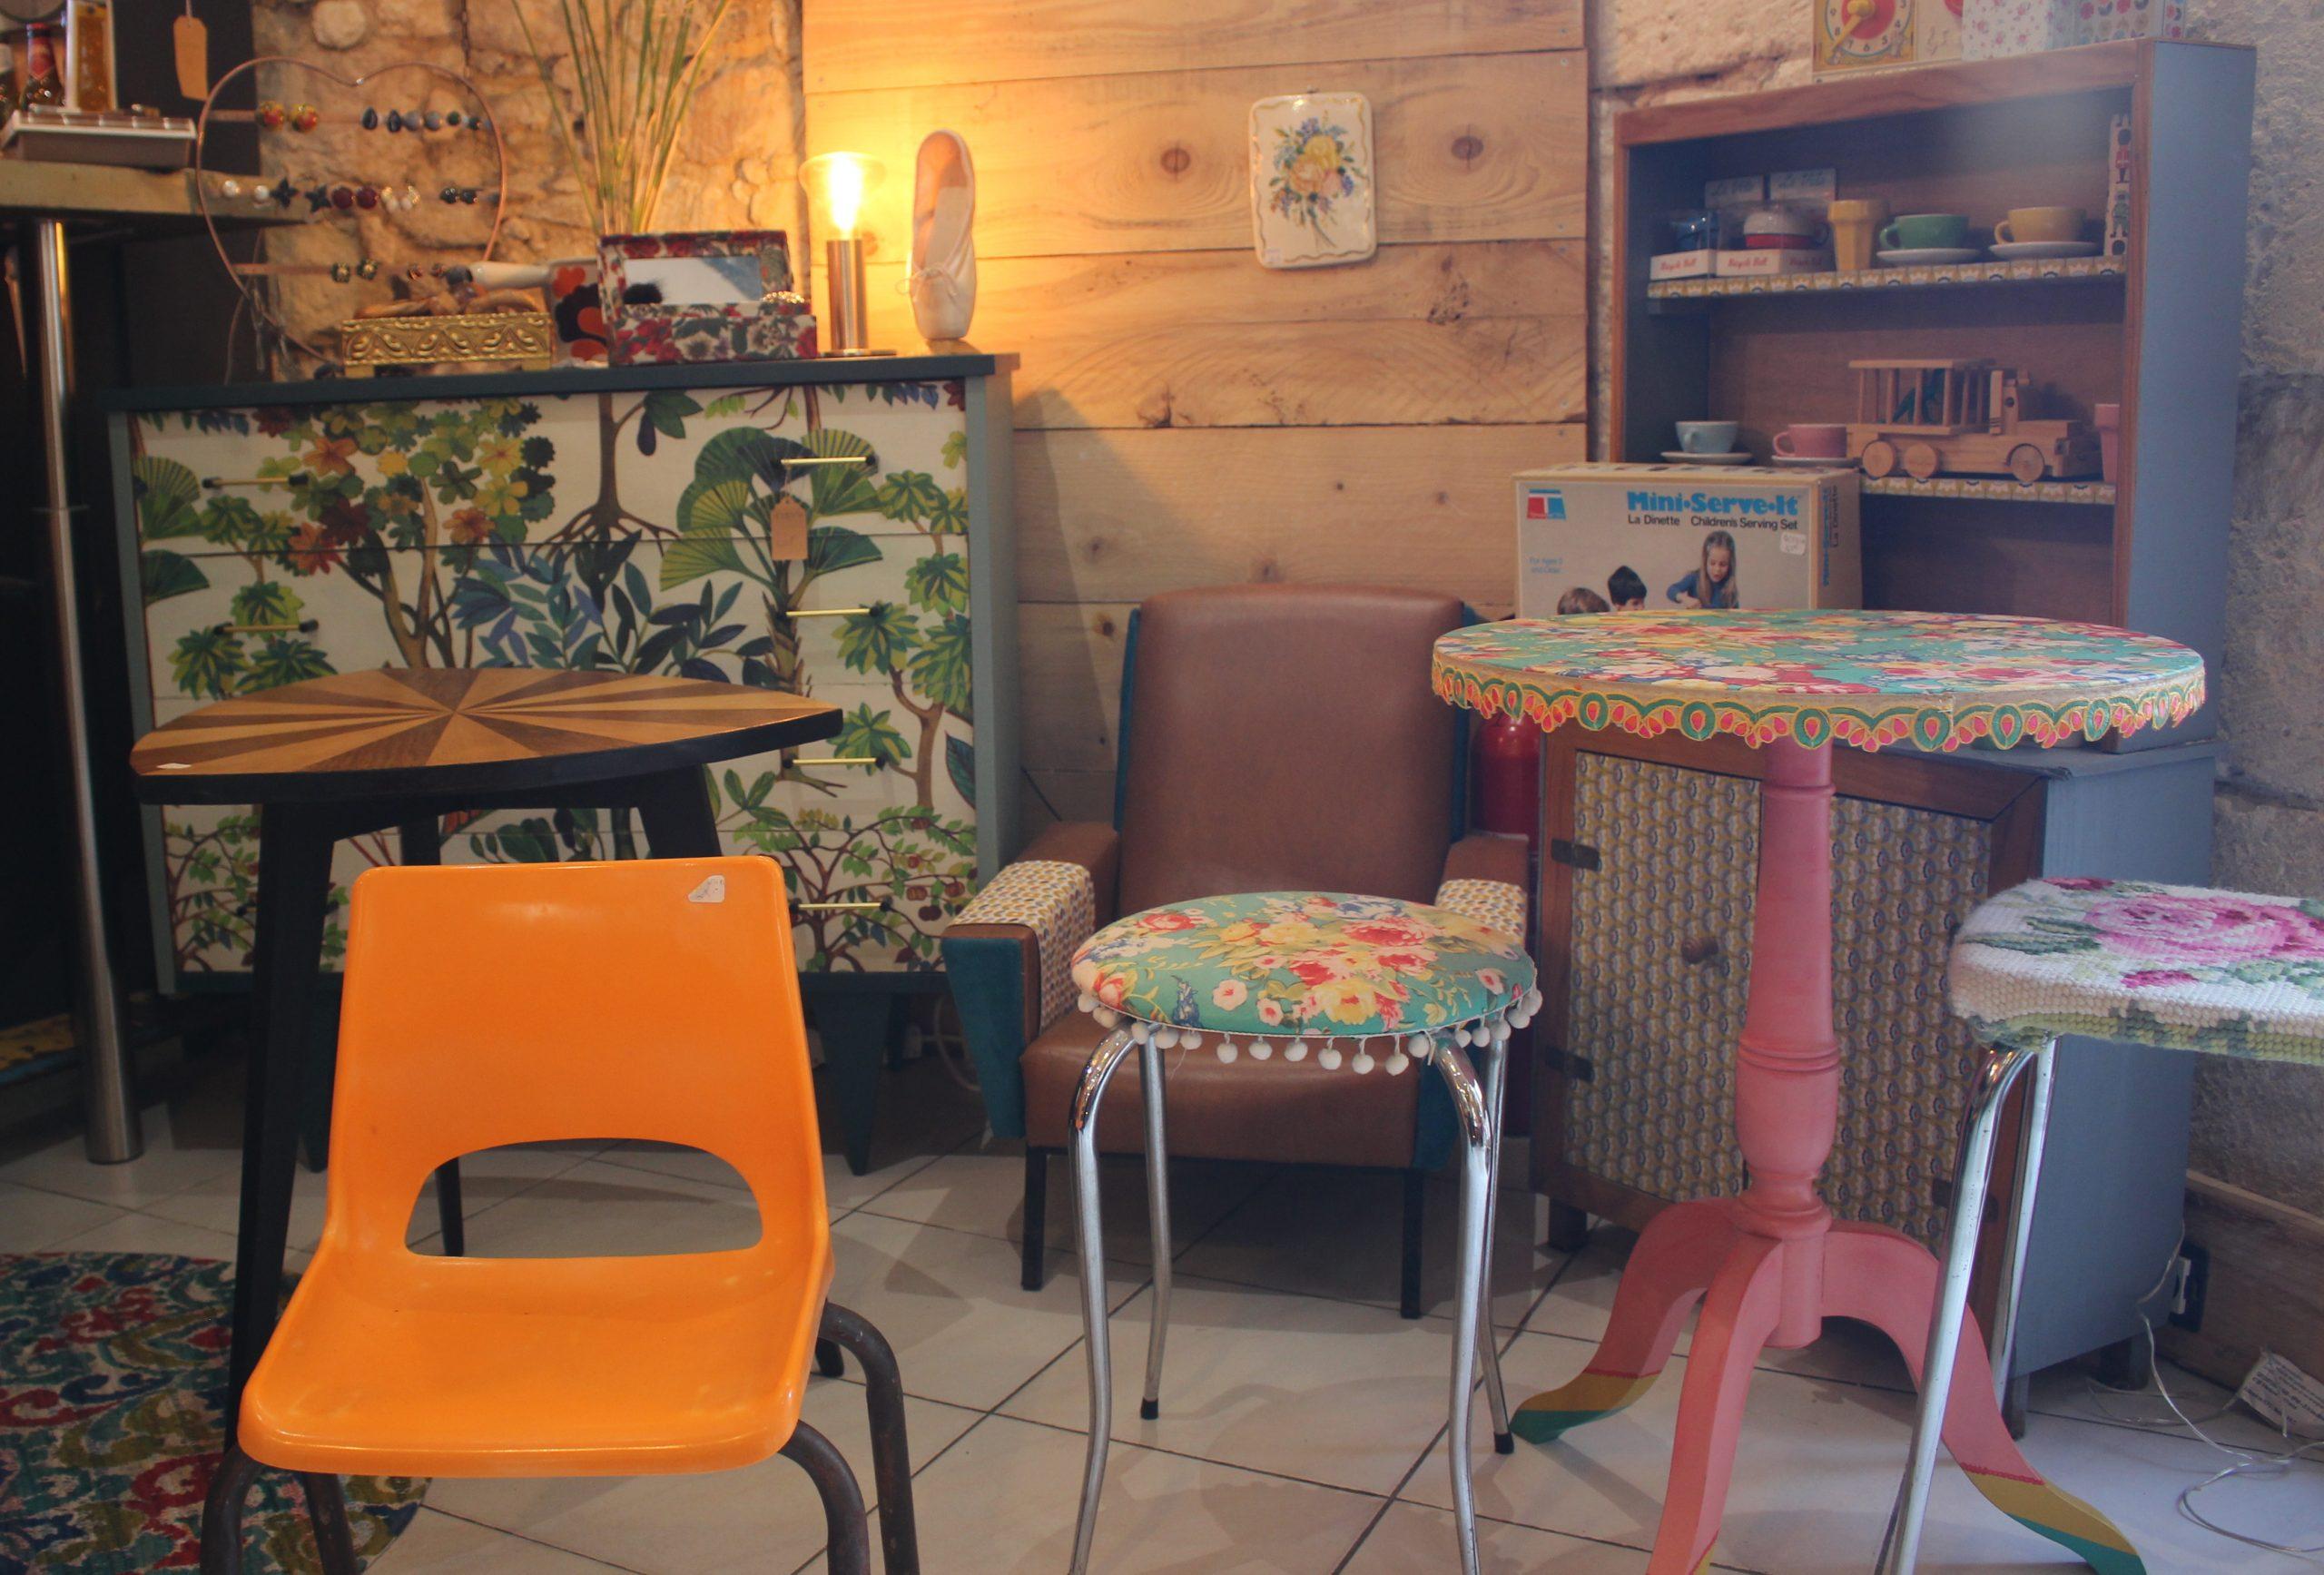 Mobilier L'hirondelle dans l'atelier friperie Montpellier